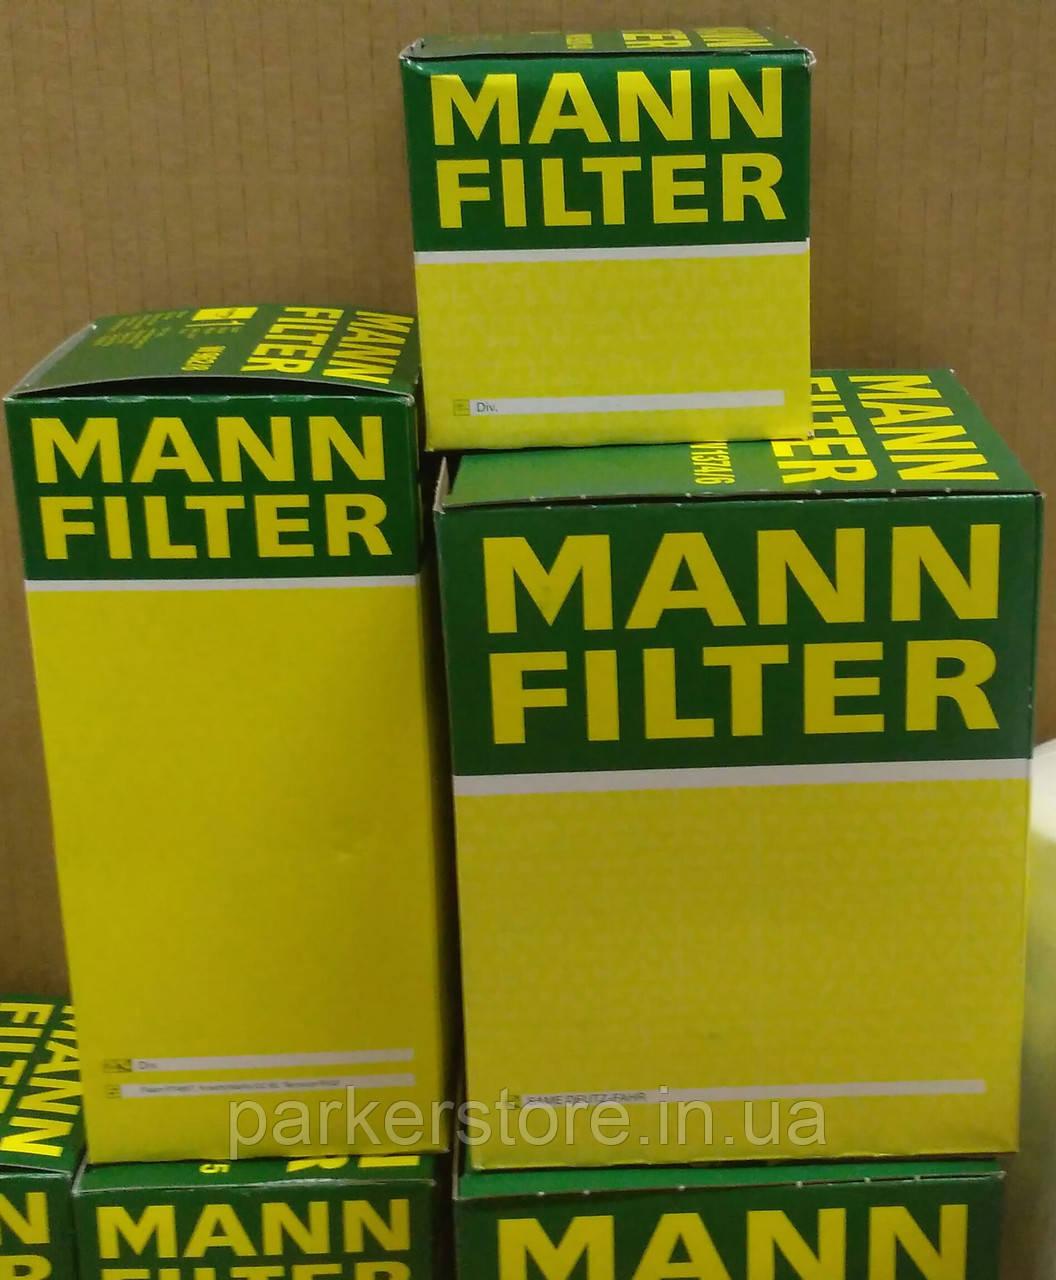 MANN FILTER / Воздушный фильтр / C 22 120 / C22120